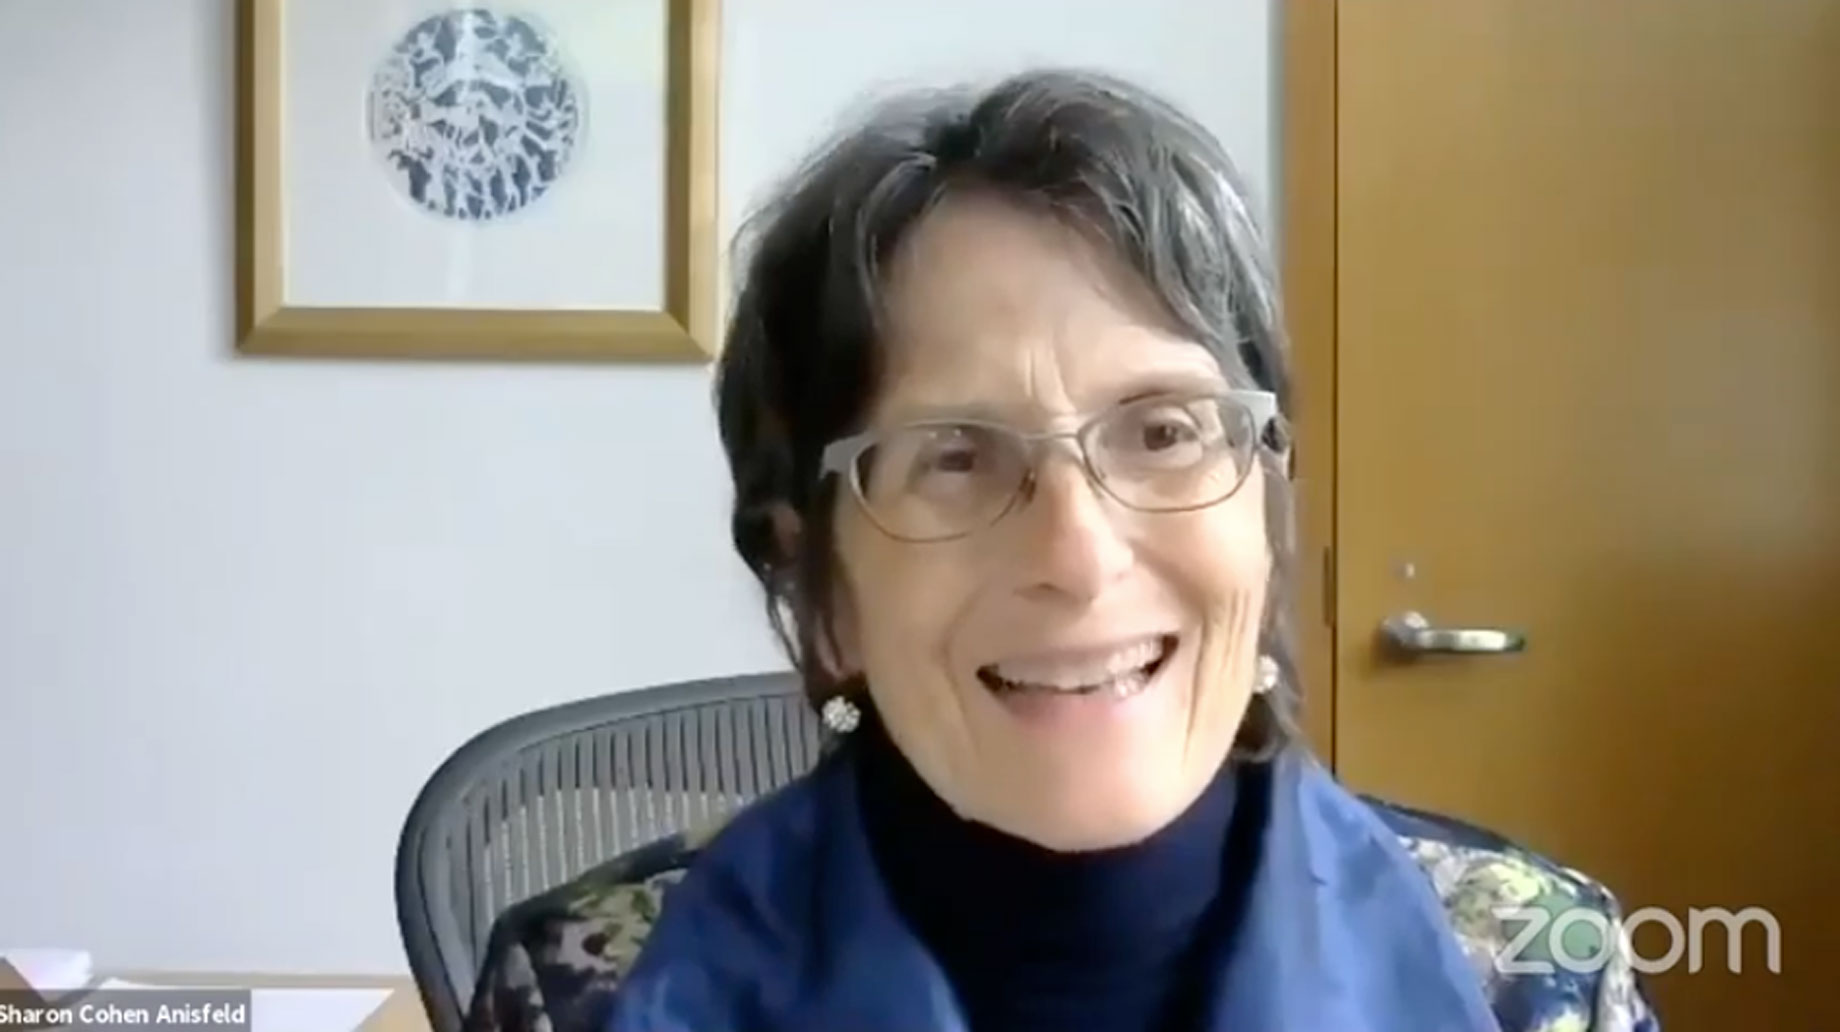 President Sharon Cohen Anisfeld